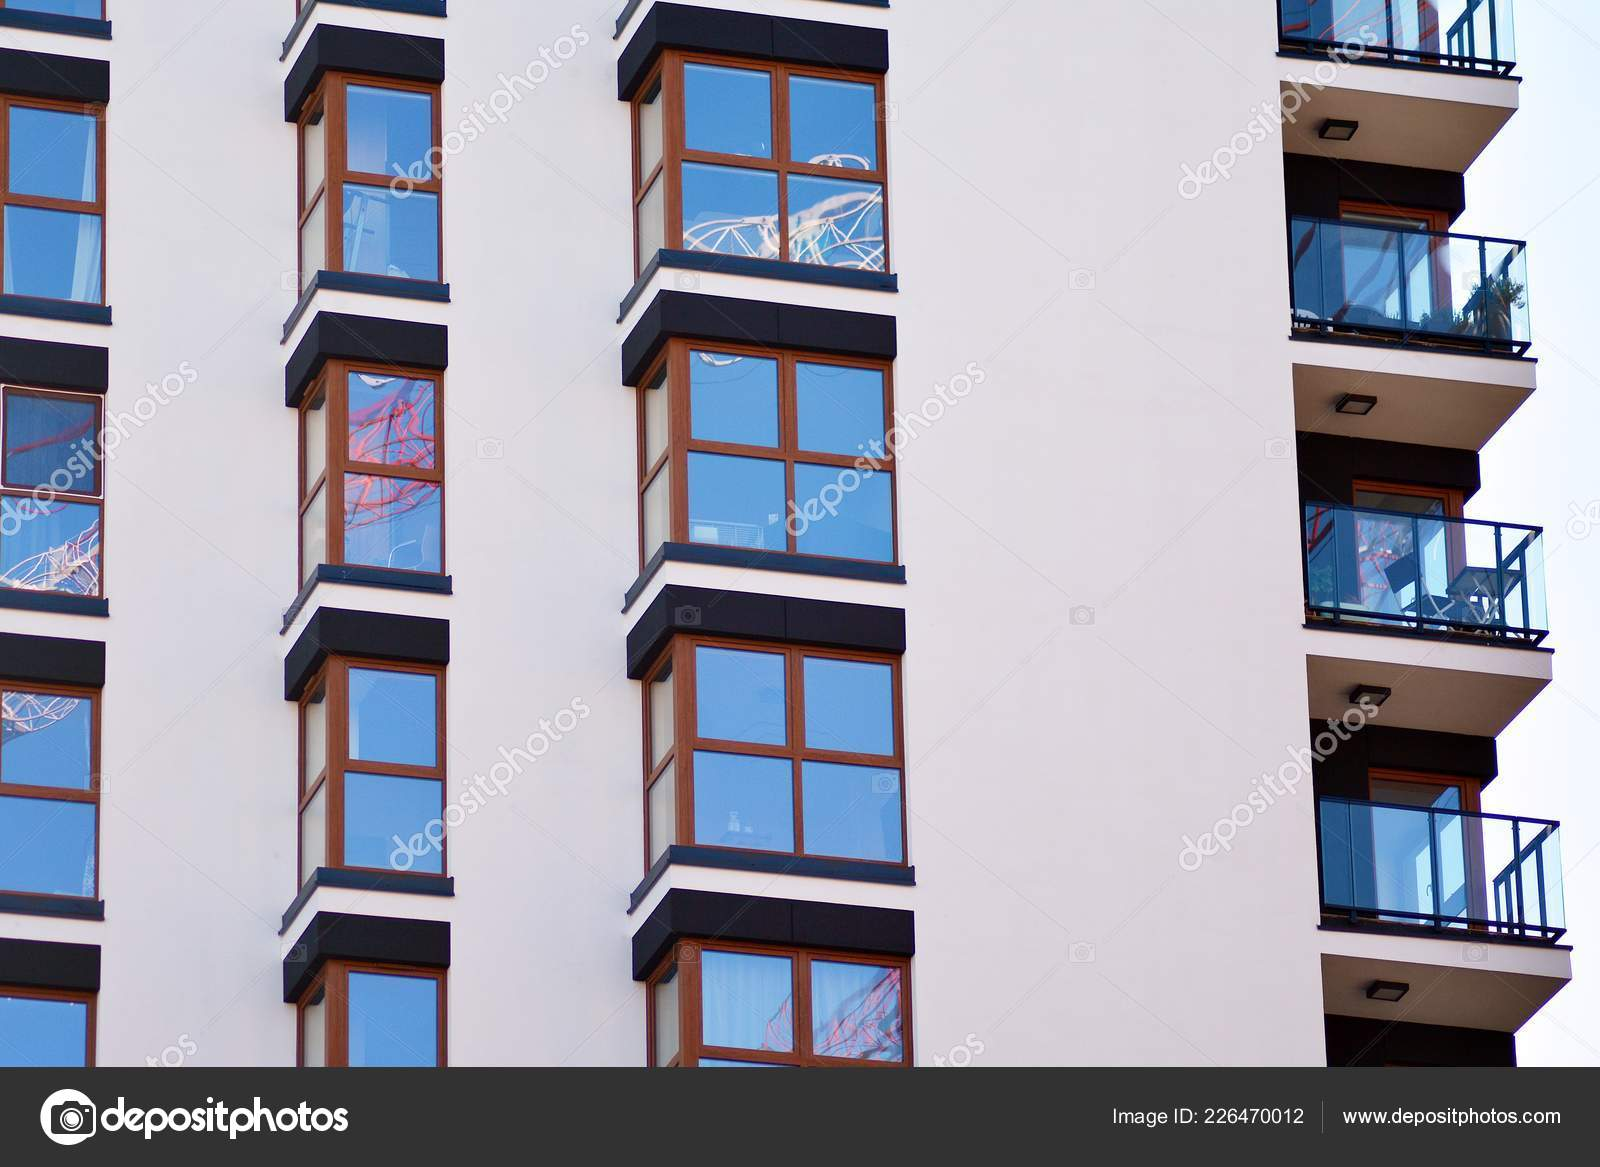 Fragment Une Facade Batiment Avec Fenetres Balcons Maison Moderne Avec Photographie Grand Warszawski C 226470012